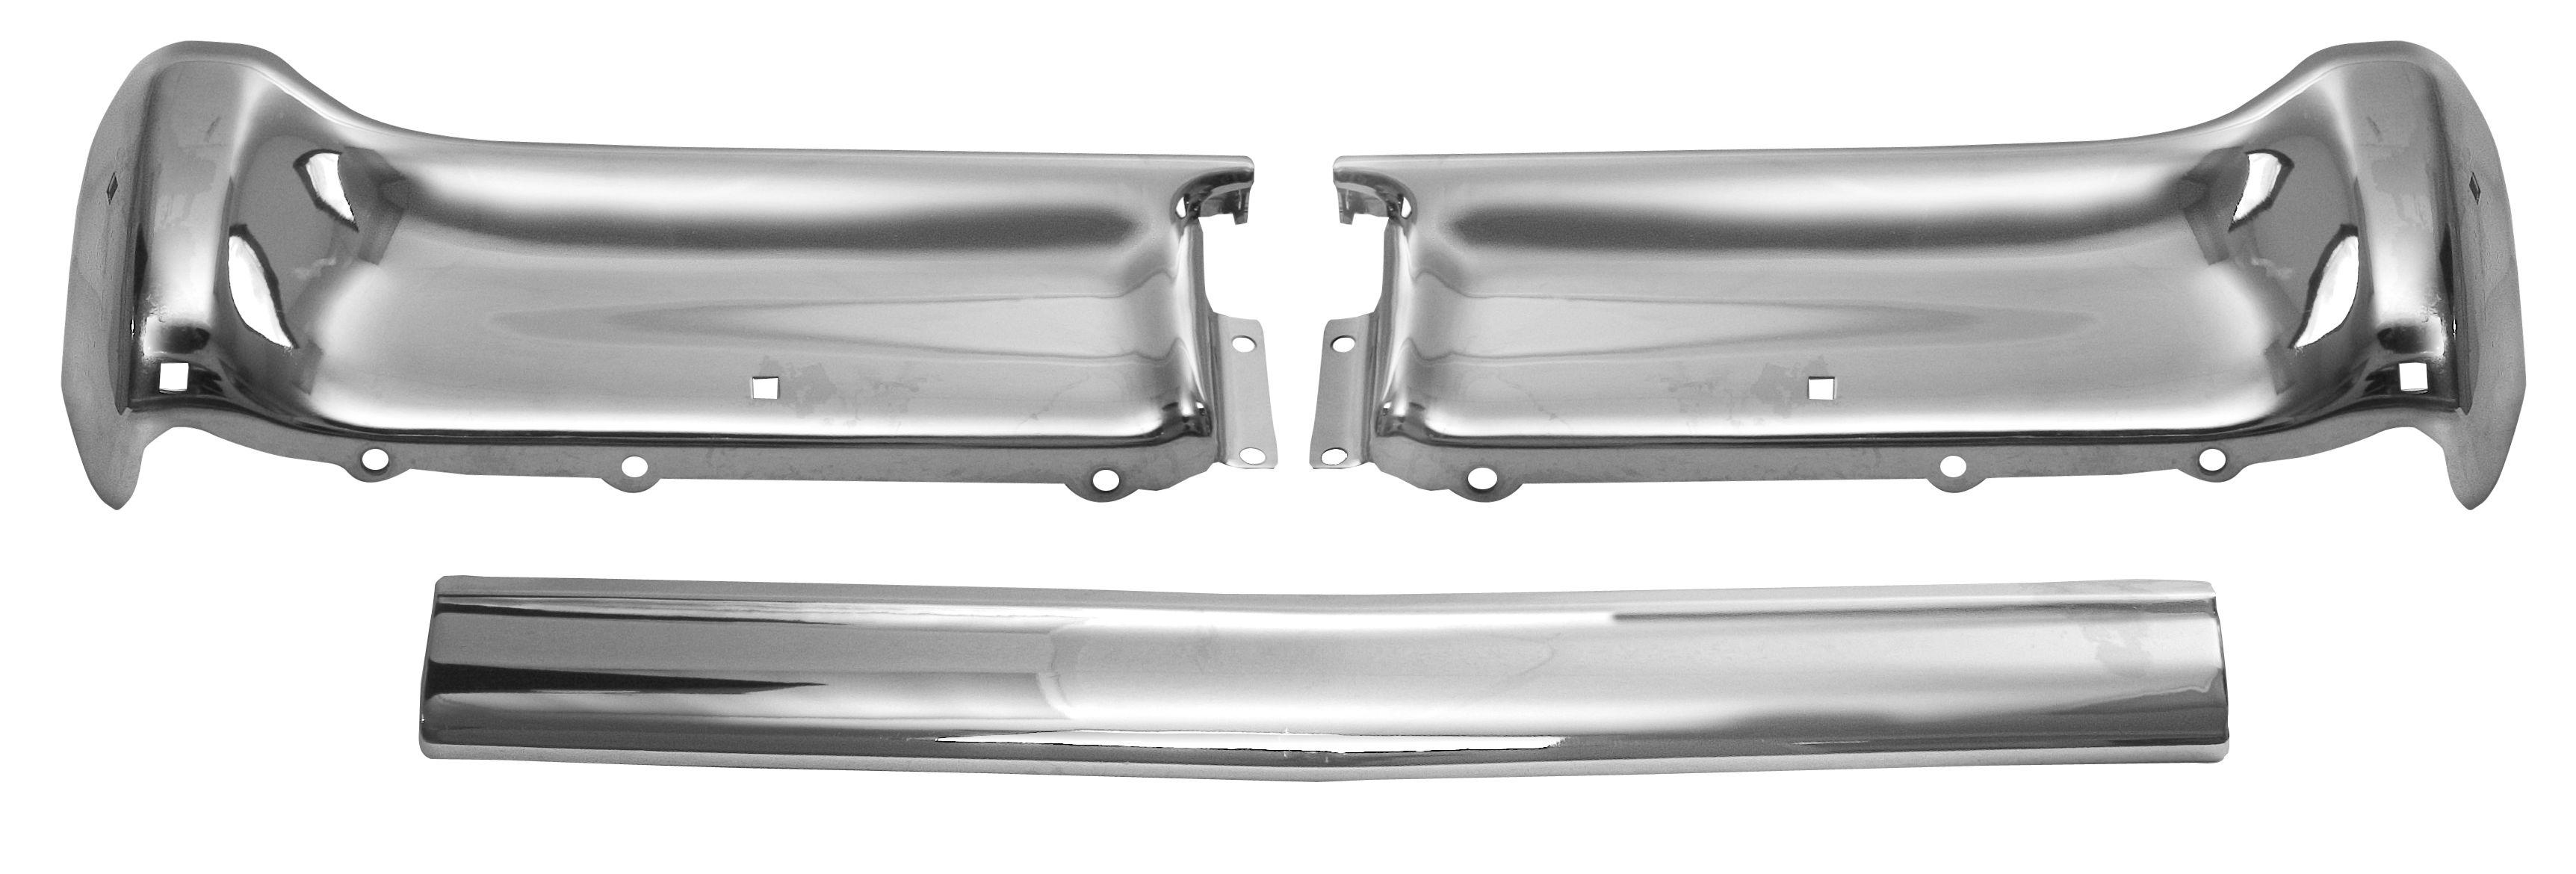 1962 Impala rear bumper 3 pcs